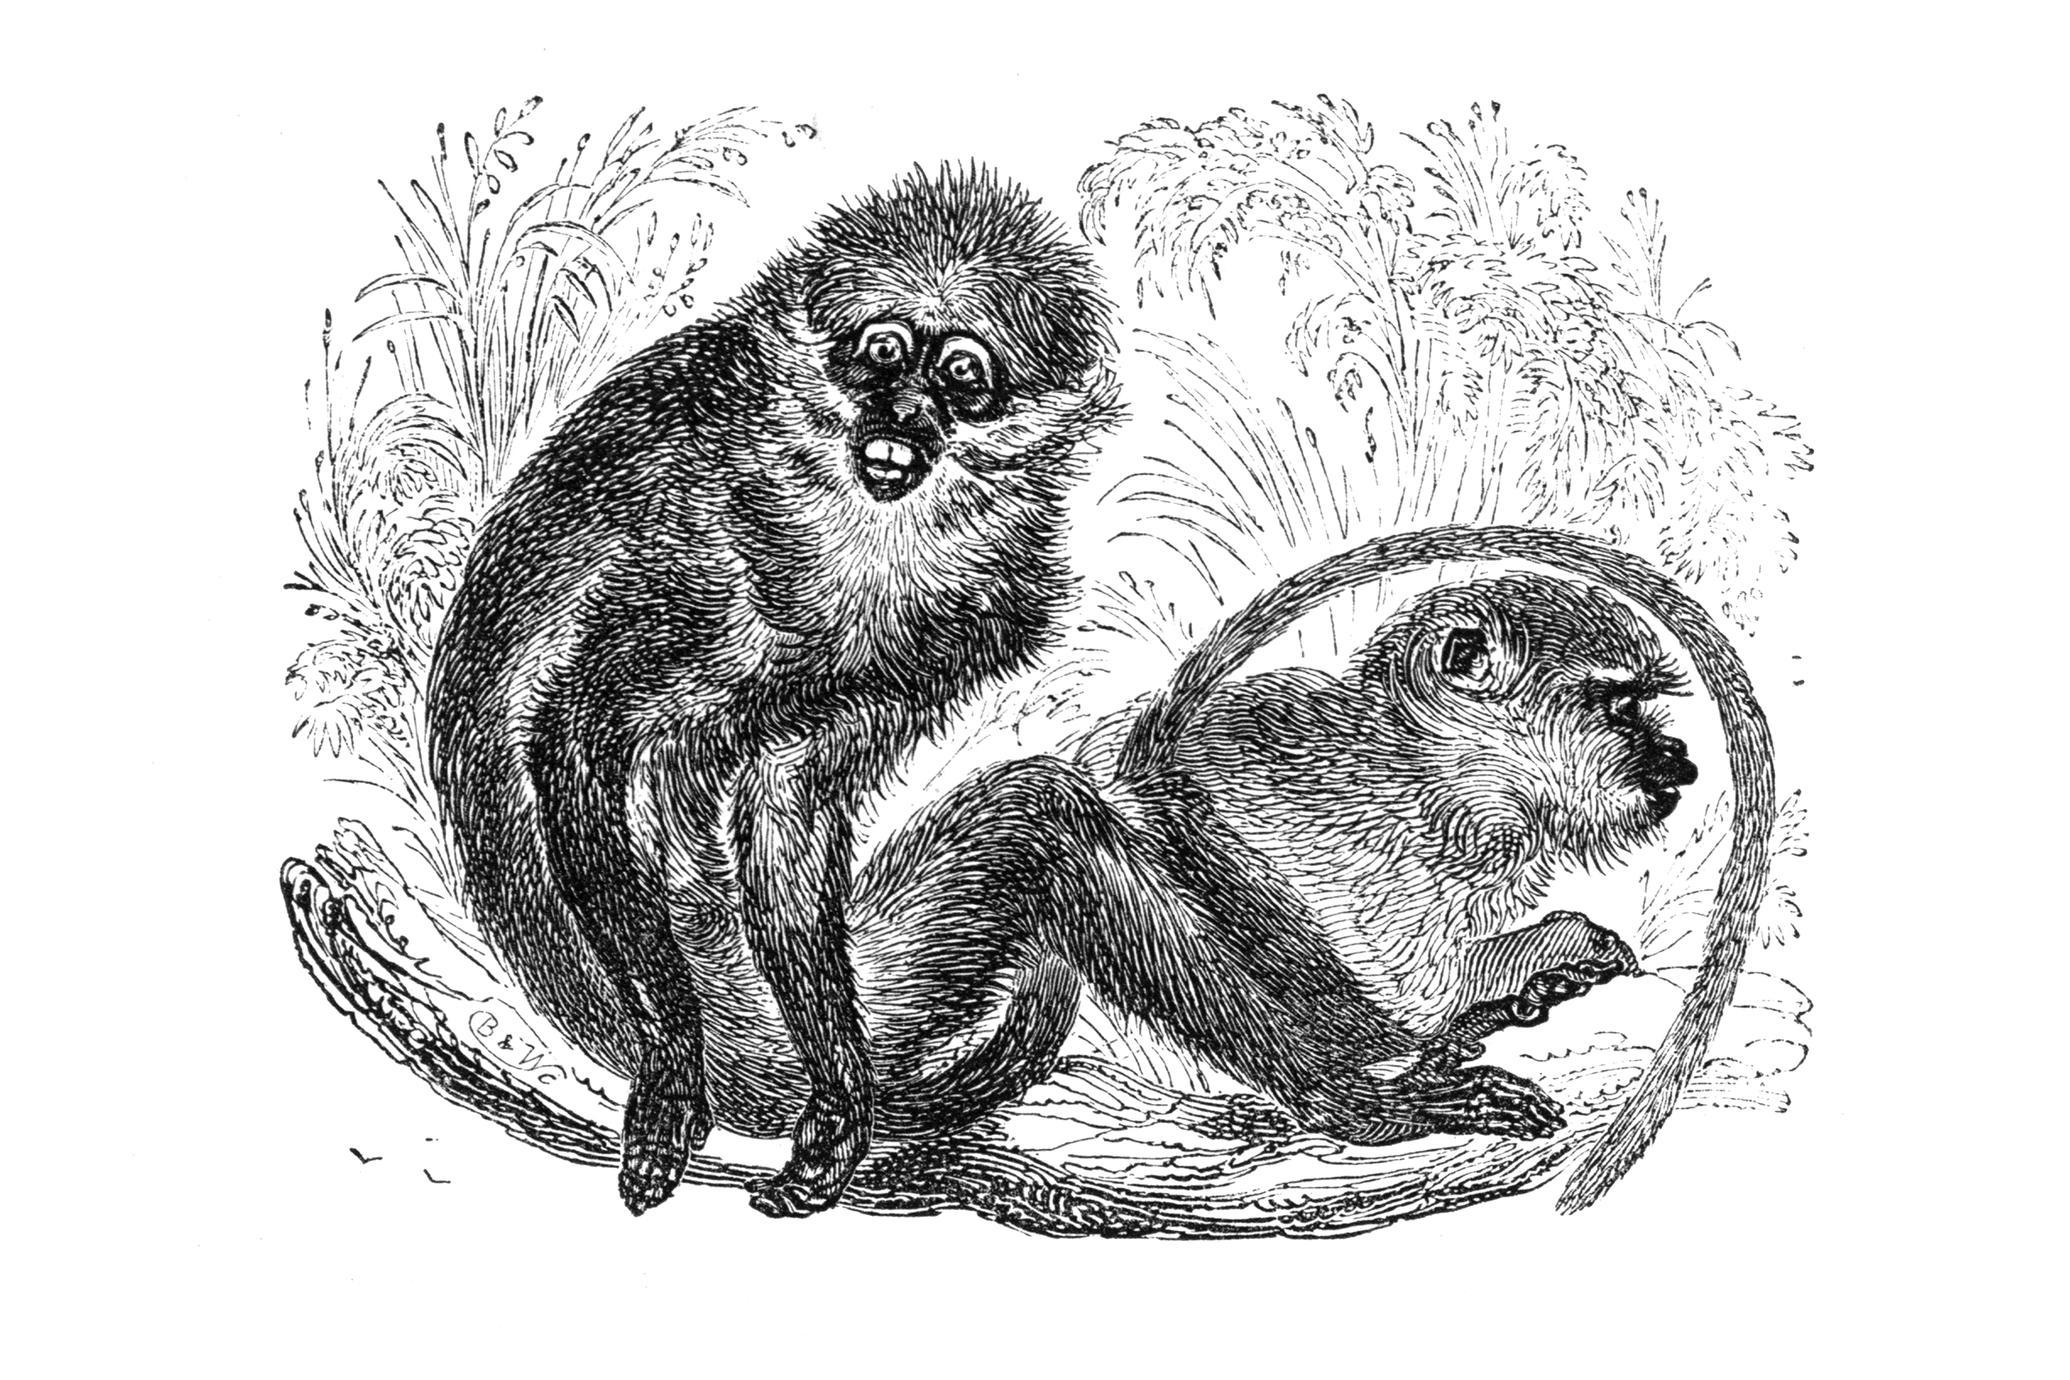 The White Eyelid Monkey